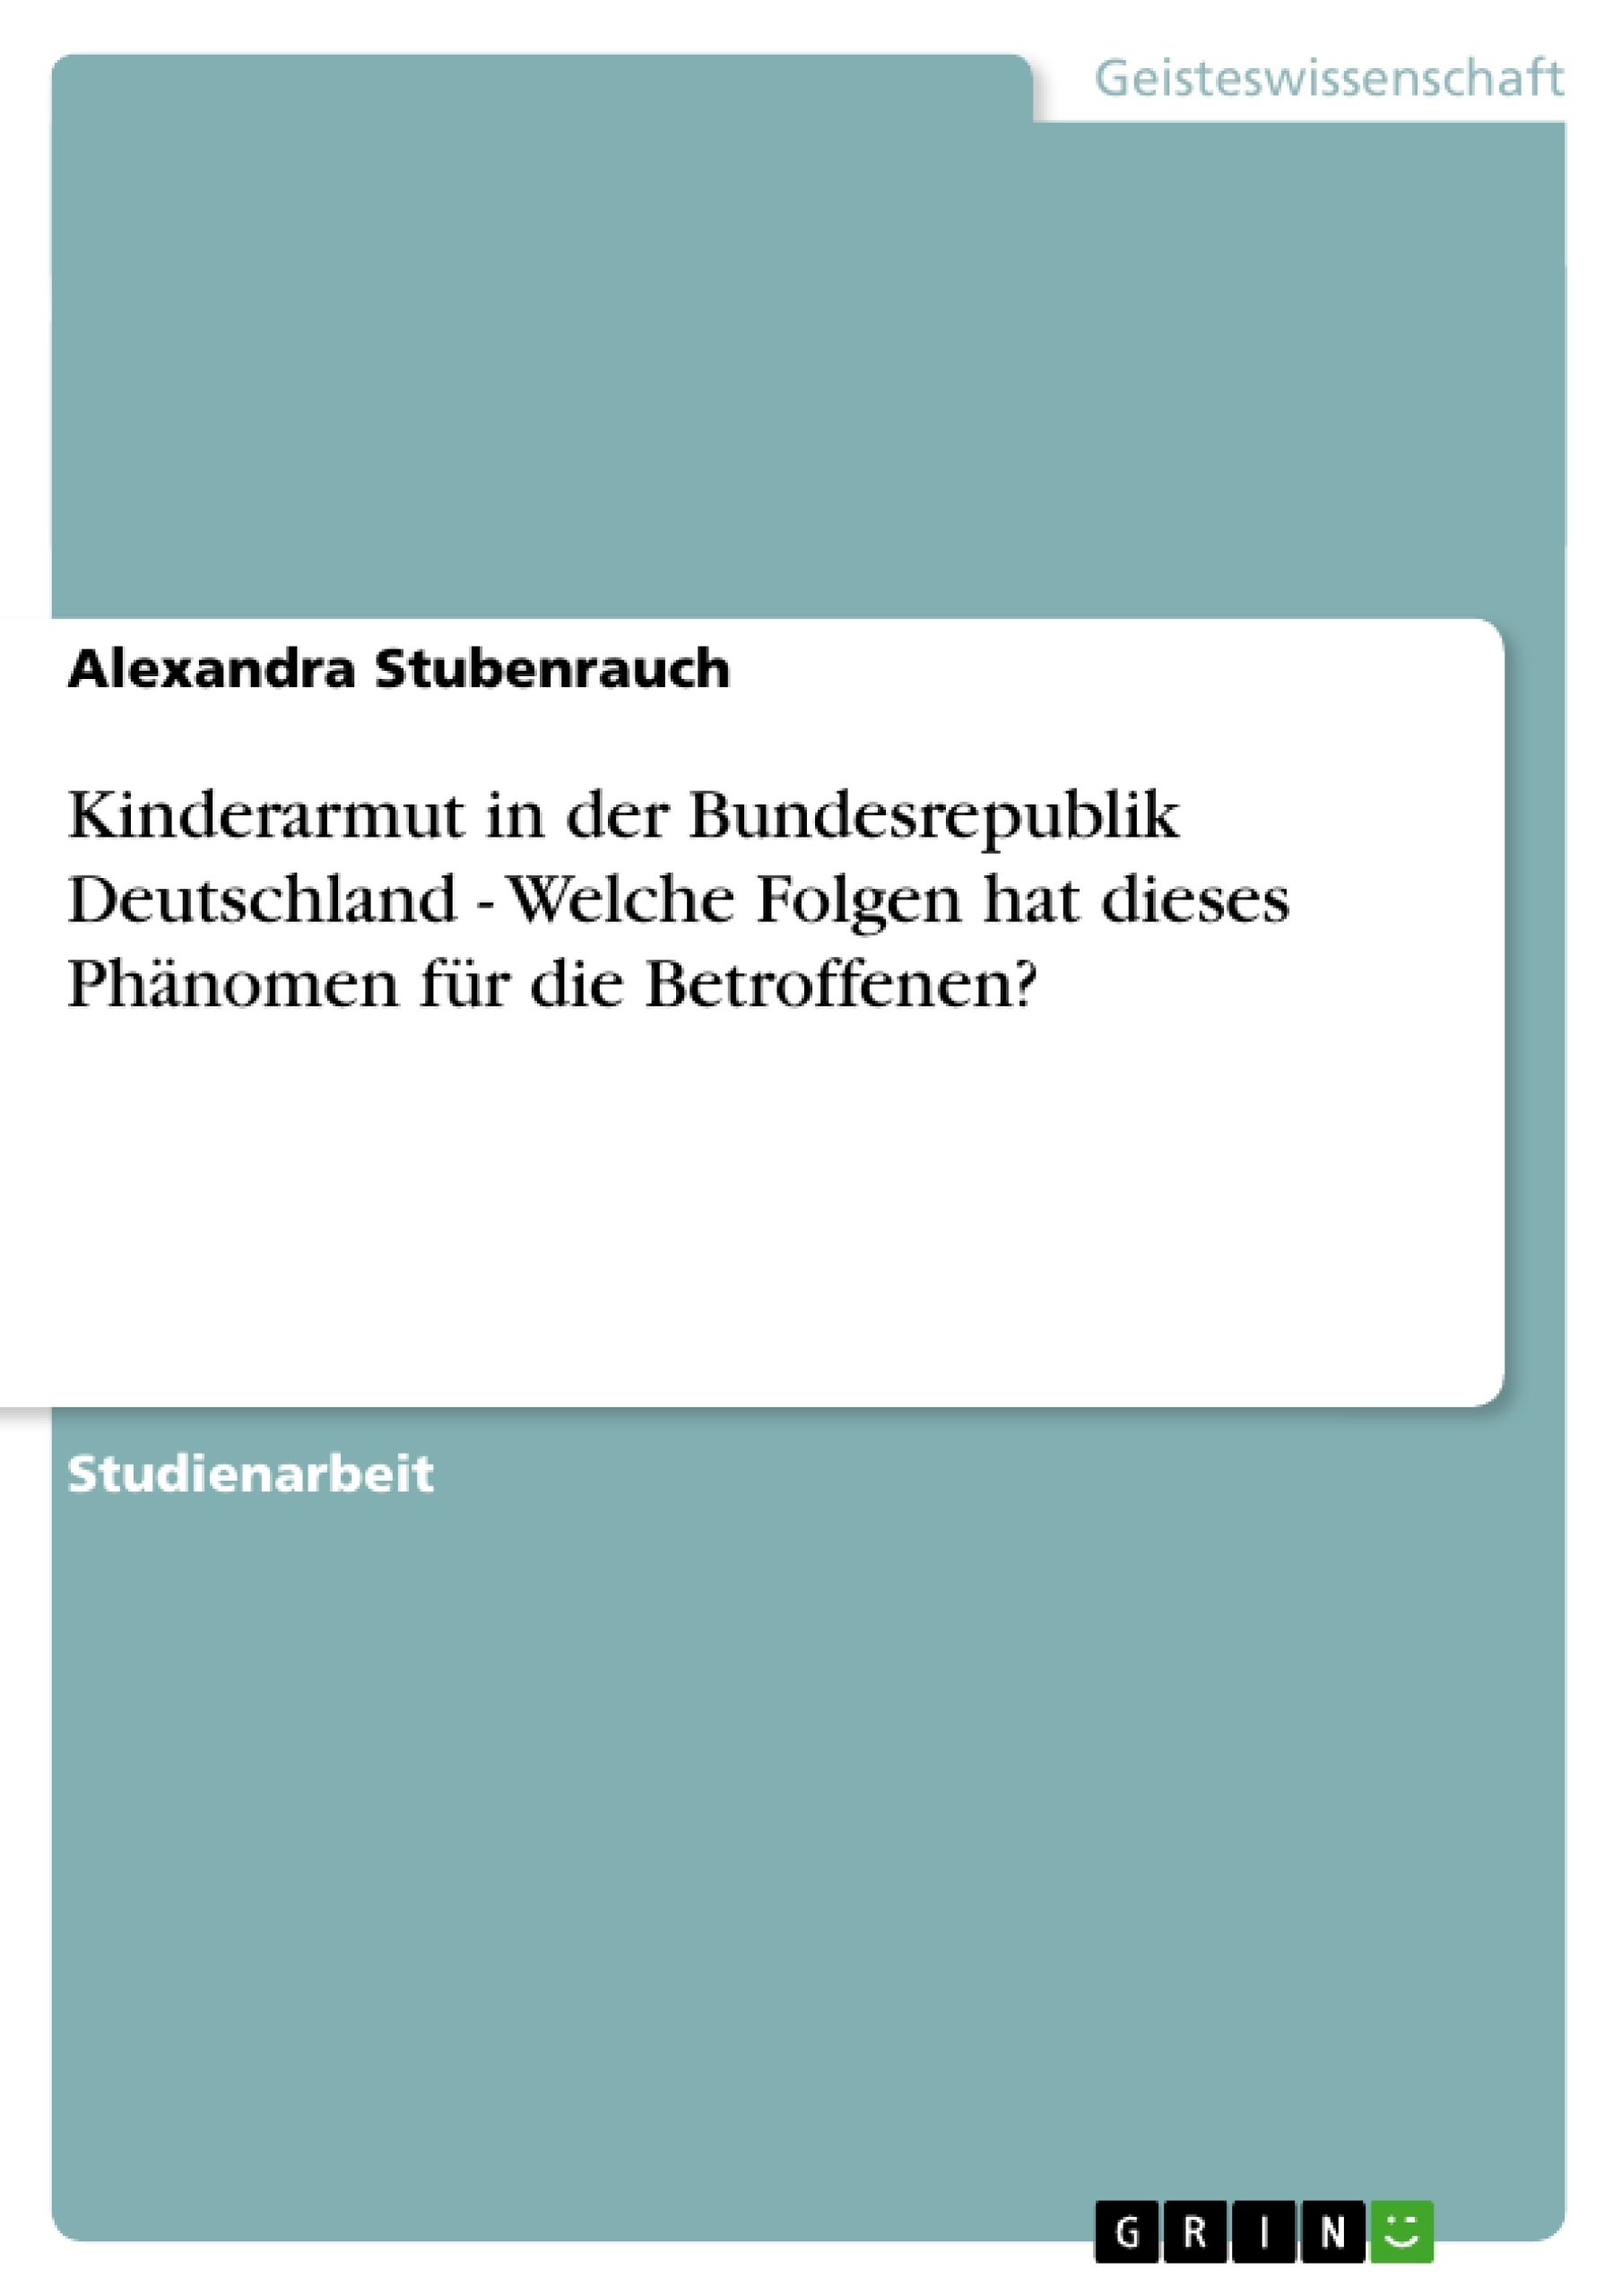 Titel: Kinderarmut in der Bundesrepublik Deutschland - Welche Folgen hat dieses Phänomen für die Betroffenen?